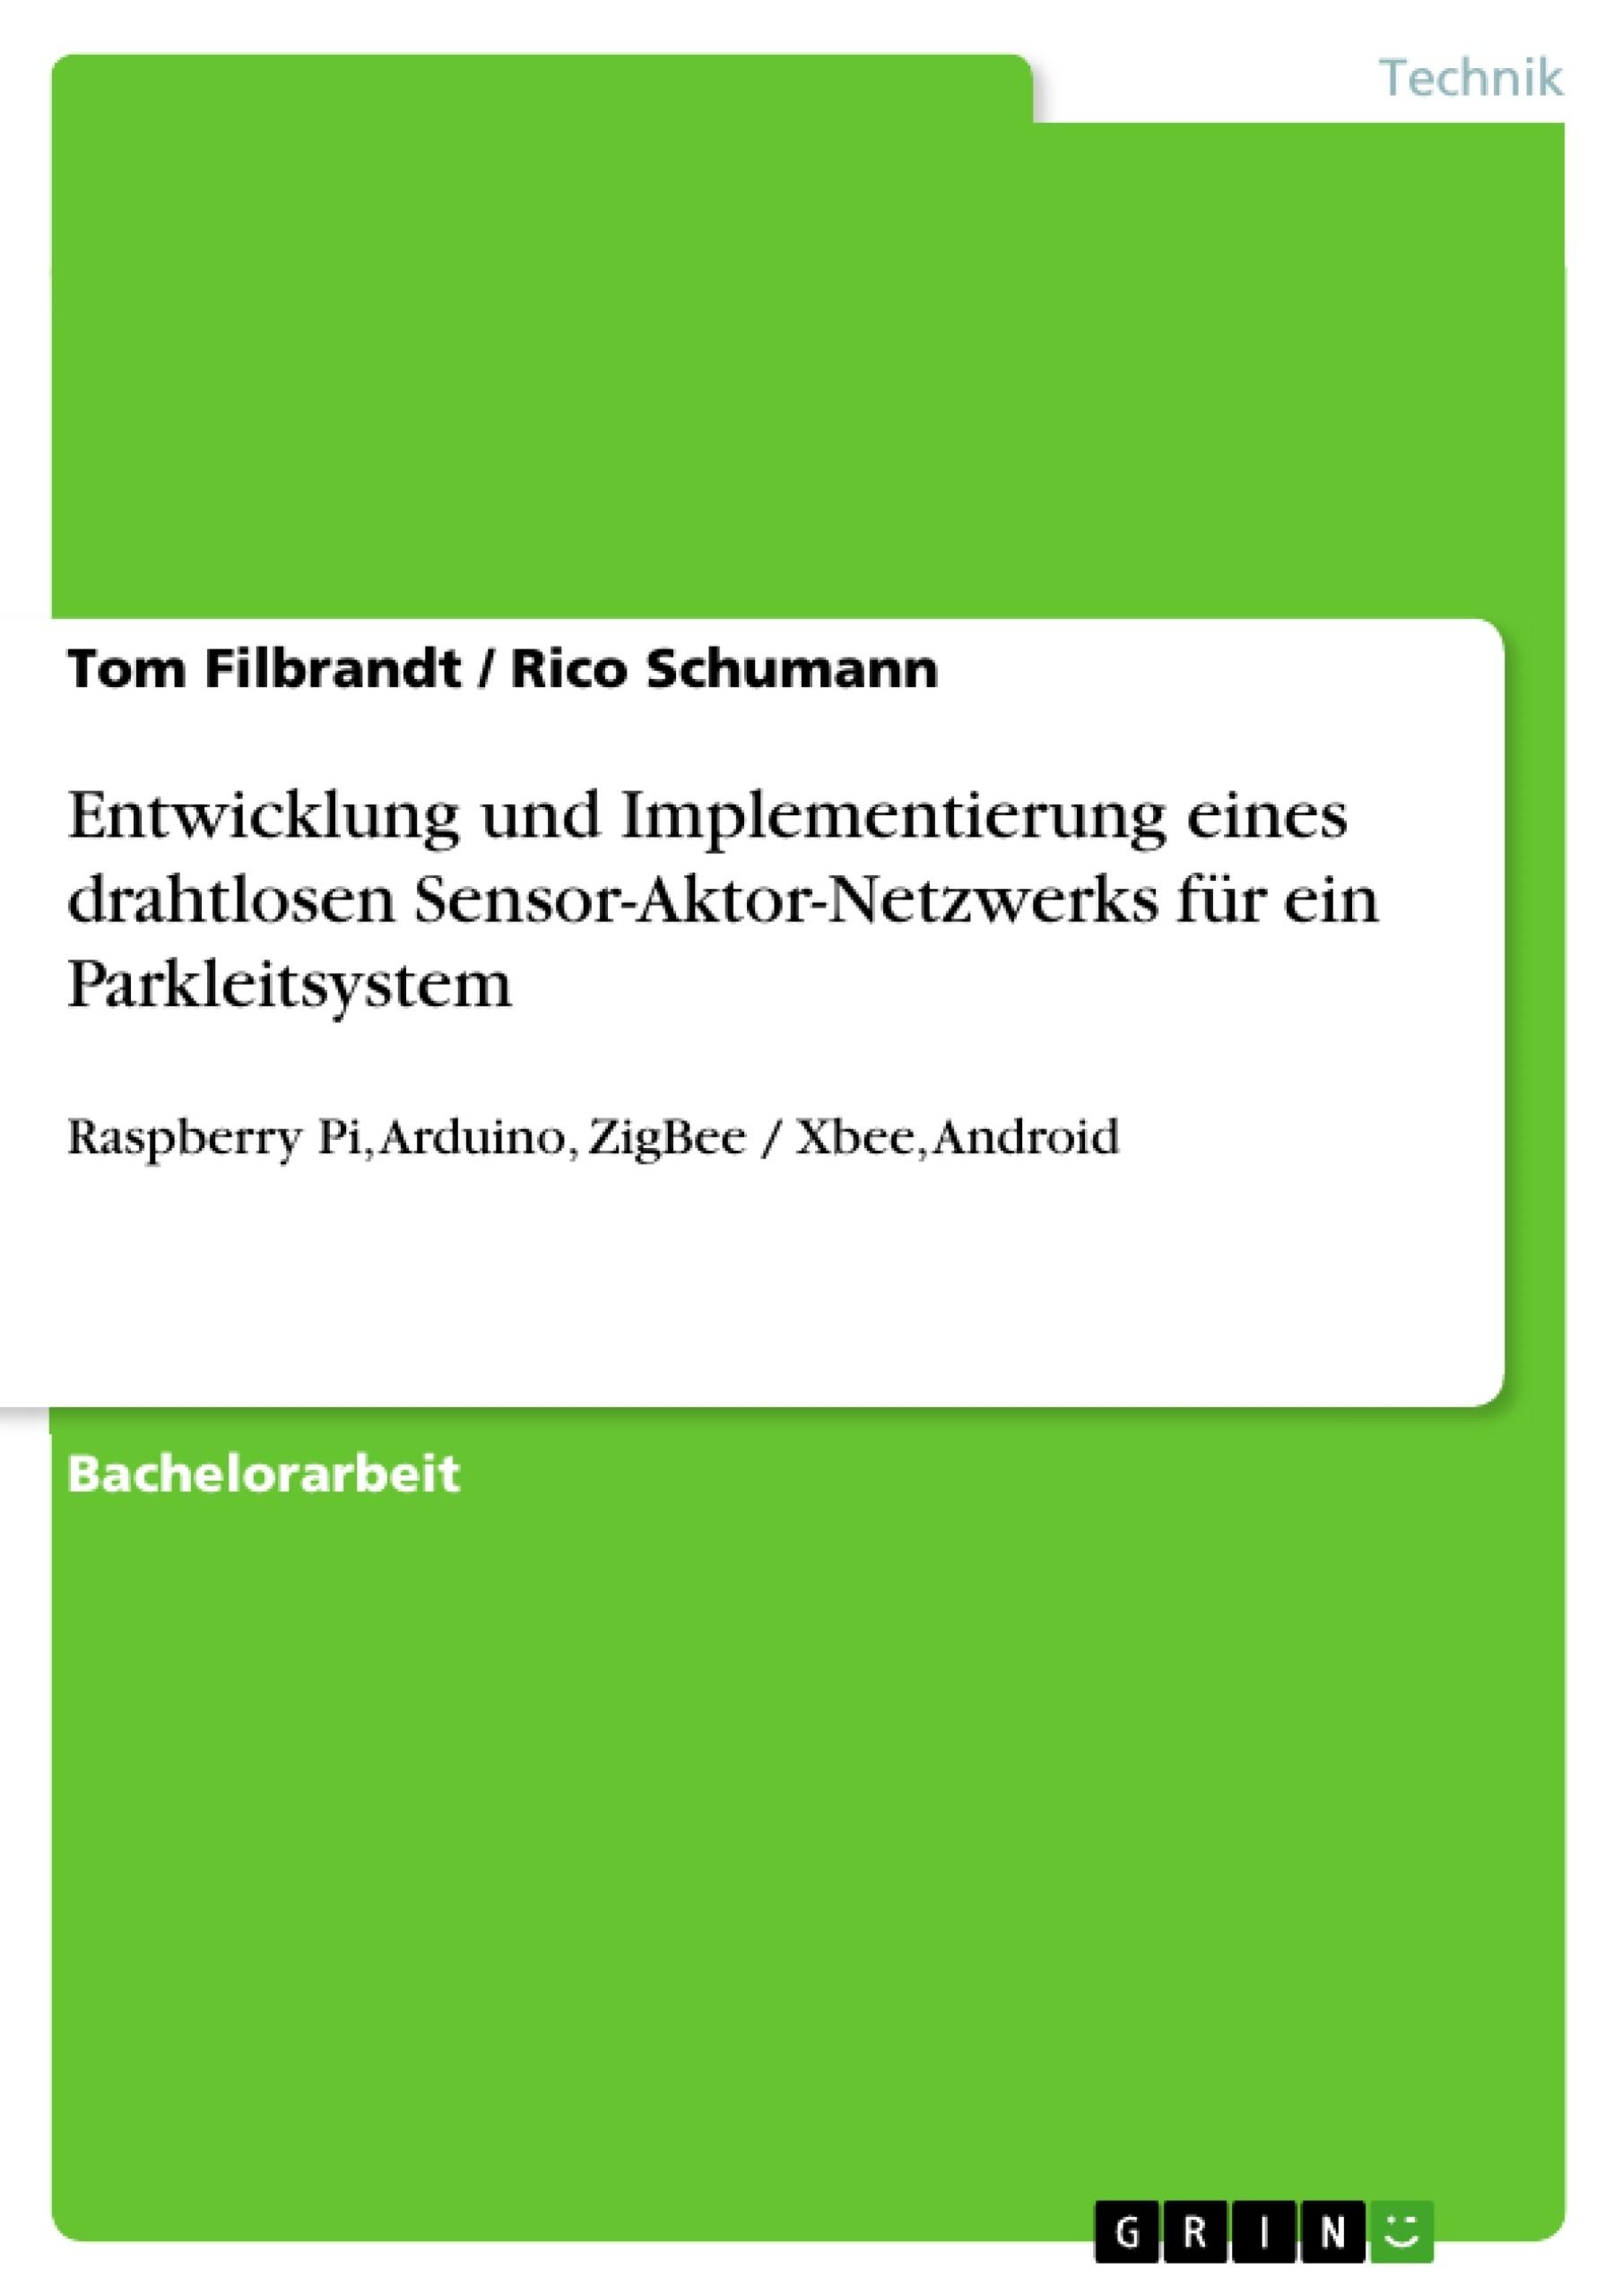 Titel: Entwicklung und Implementierung eines drahtlosen Sensor-Aktor-Netzwerks für ein Parkleitsystem